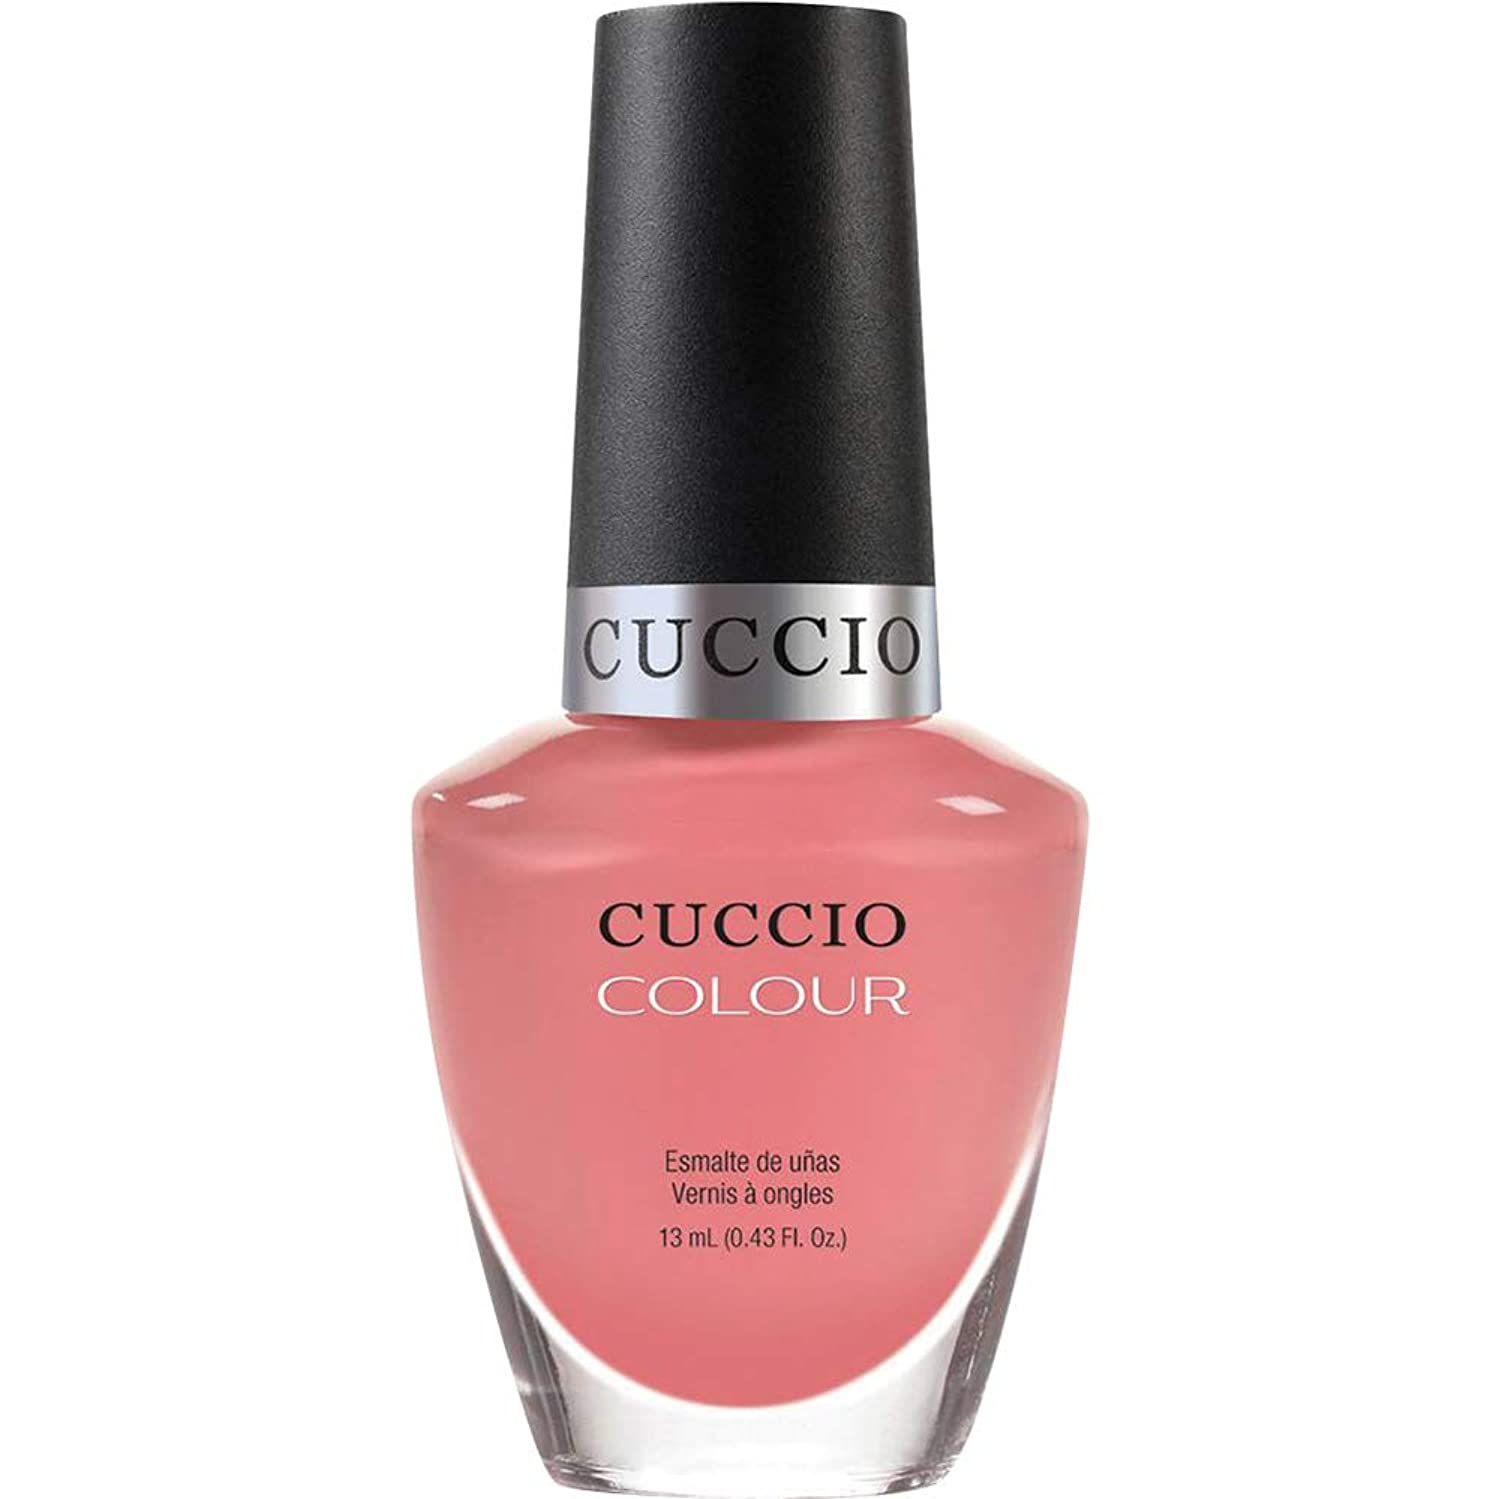 動揺させるずんぐりした受動的Cuccio Colour Gloss Lacquer - All Decked Out - 0.43oz / 13ml